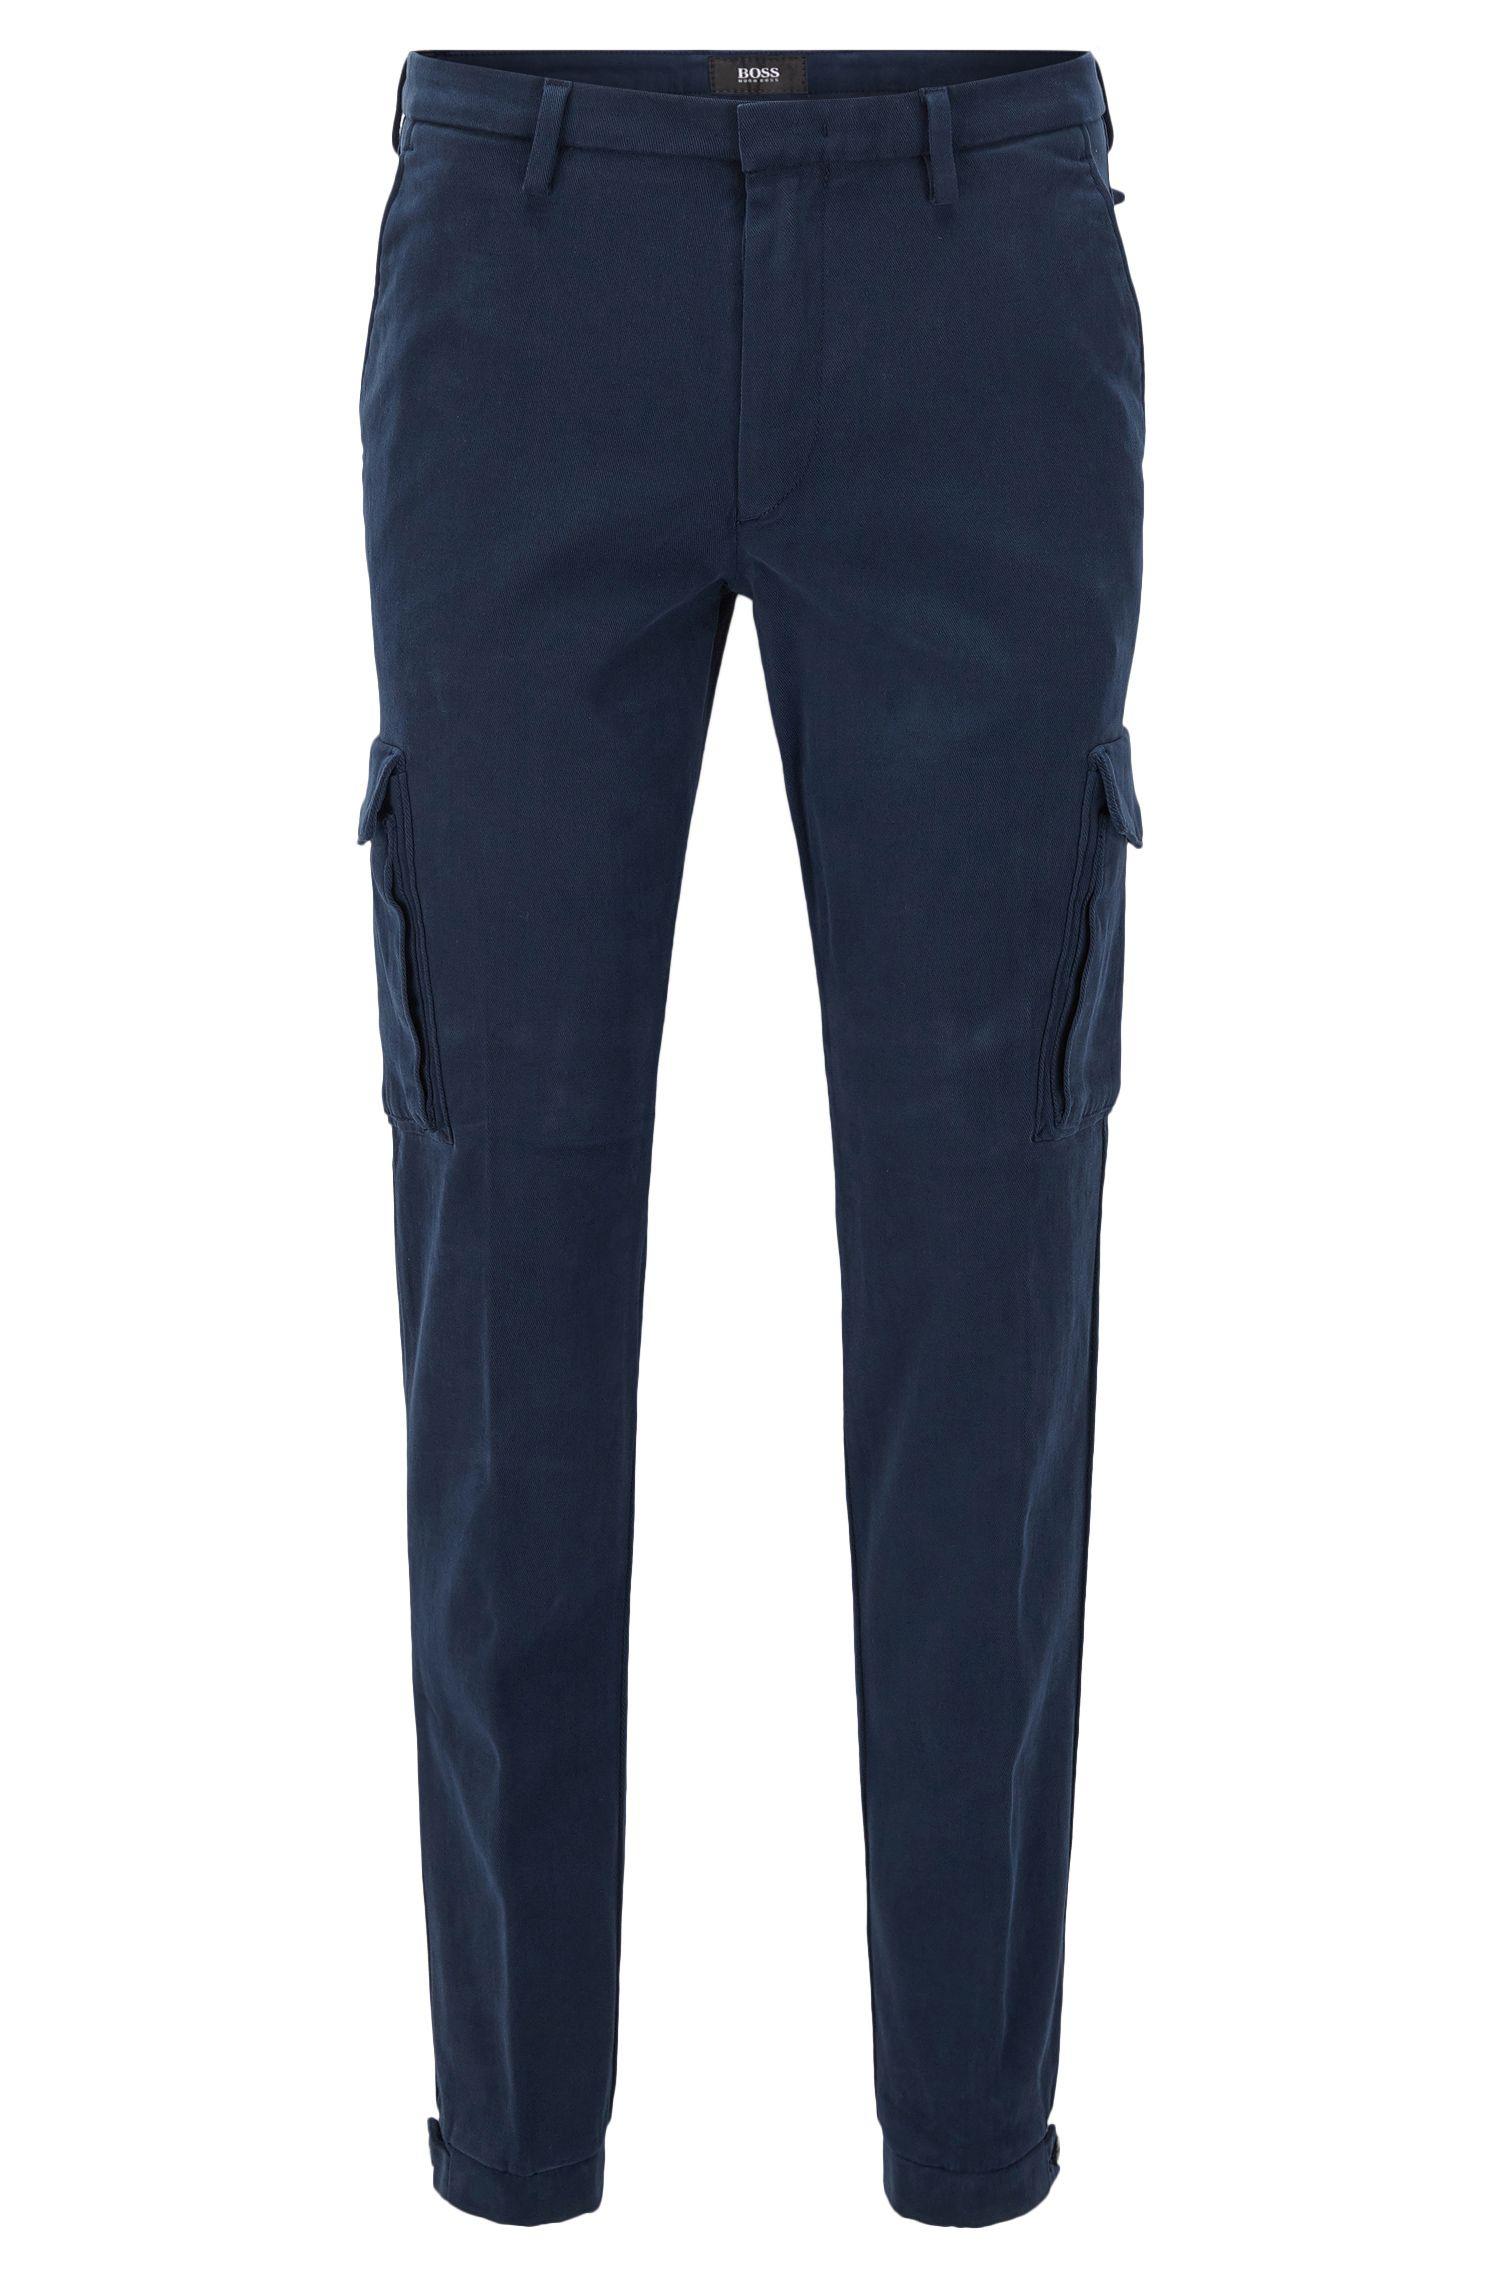 Pantalón slim fit de estilo cargo en algodón elástico italiano